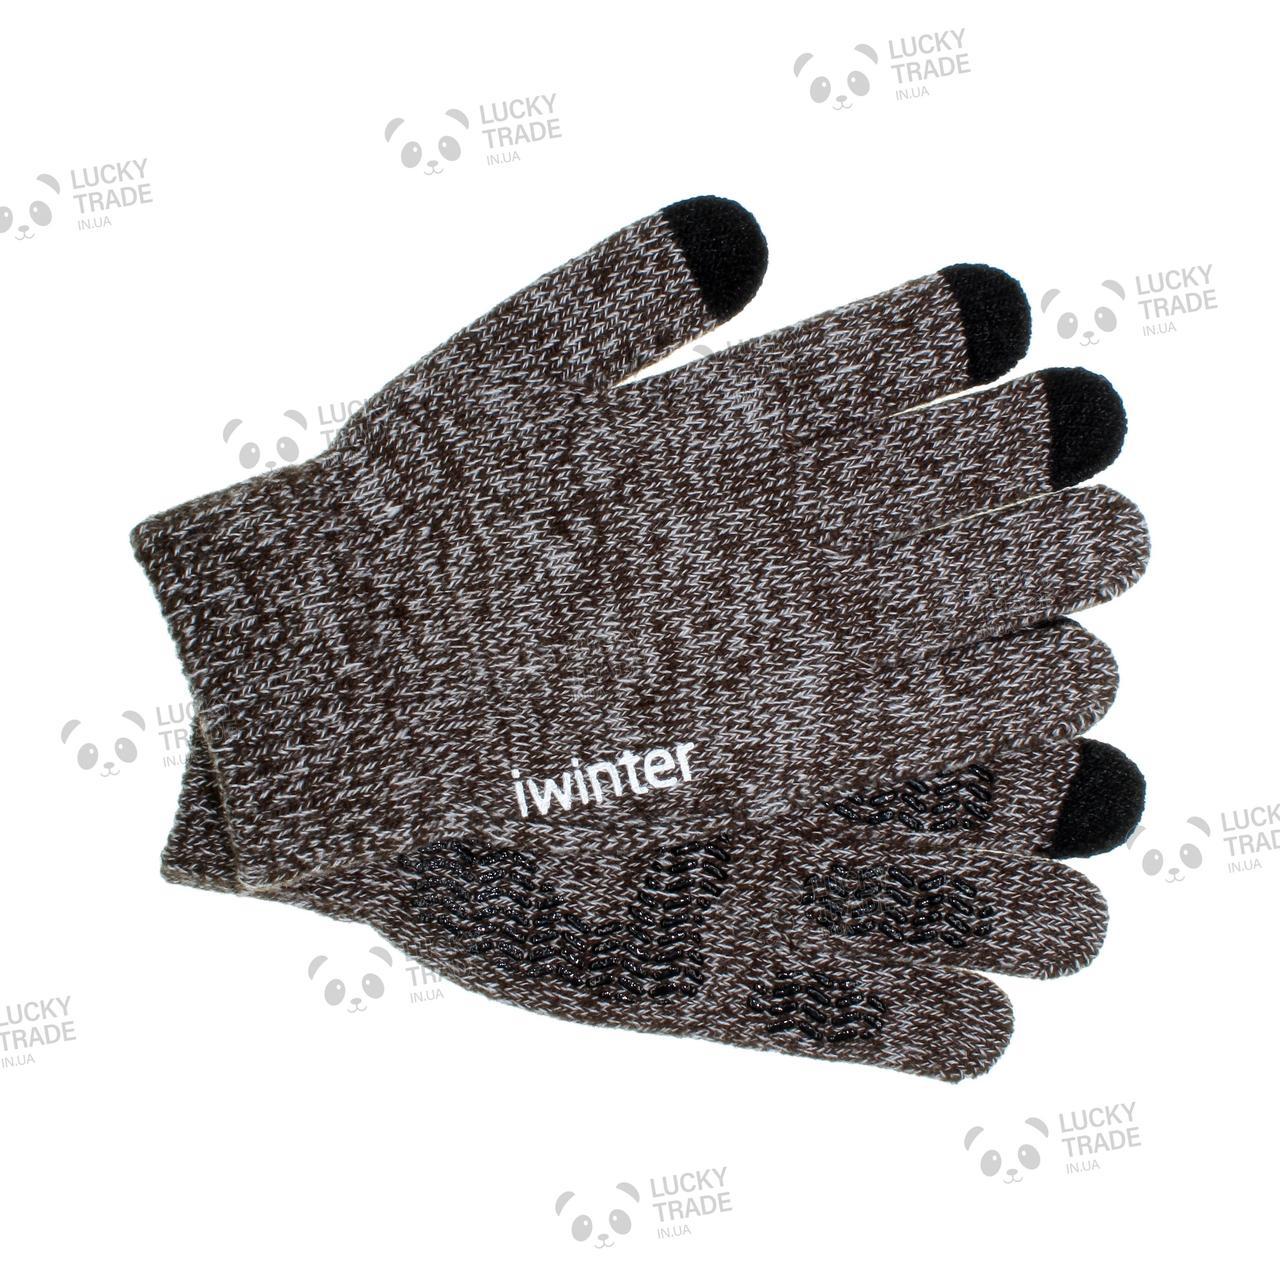 Зимние теплые перчатки iWinter для сенсорных экранов мужские женские Size S Коричневый / Белый (D-Z01) [2438]